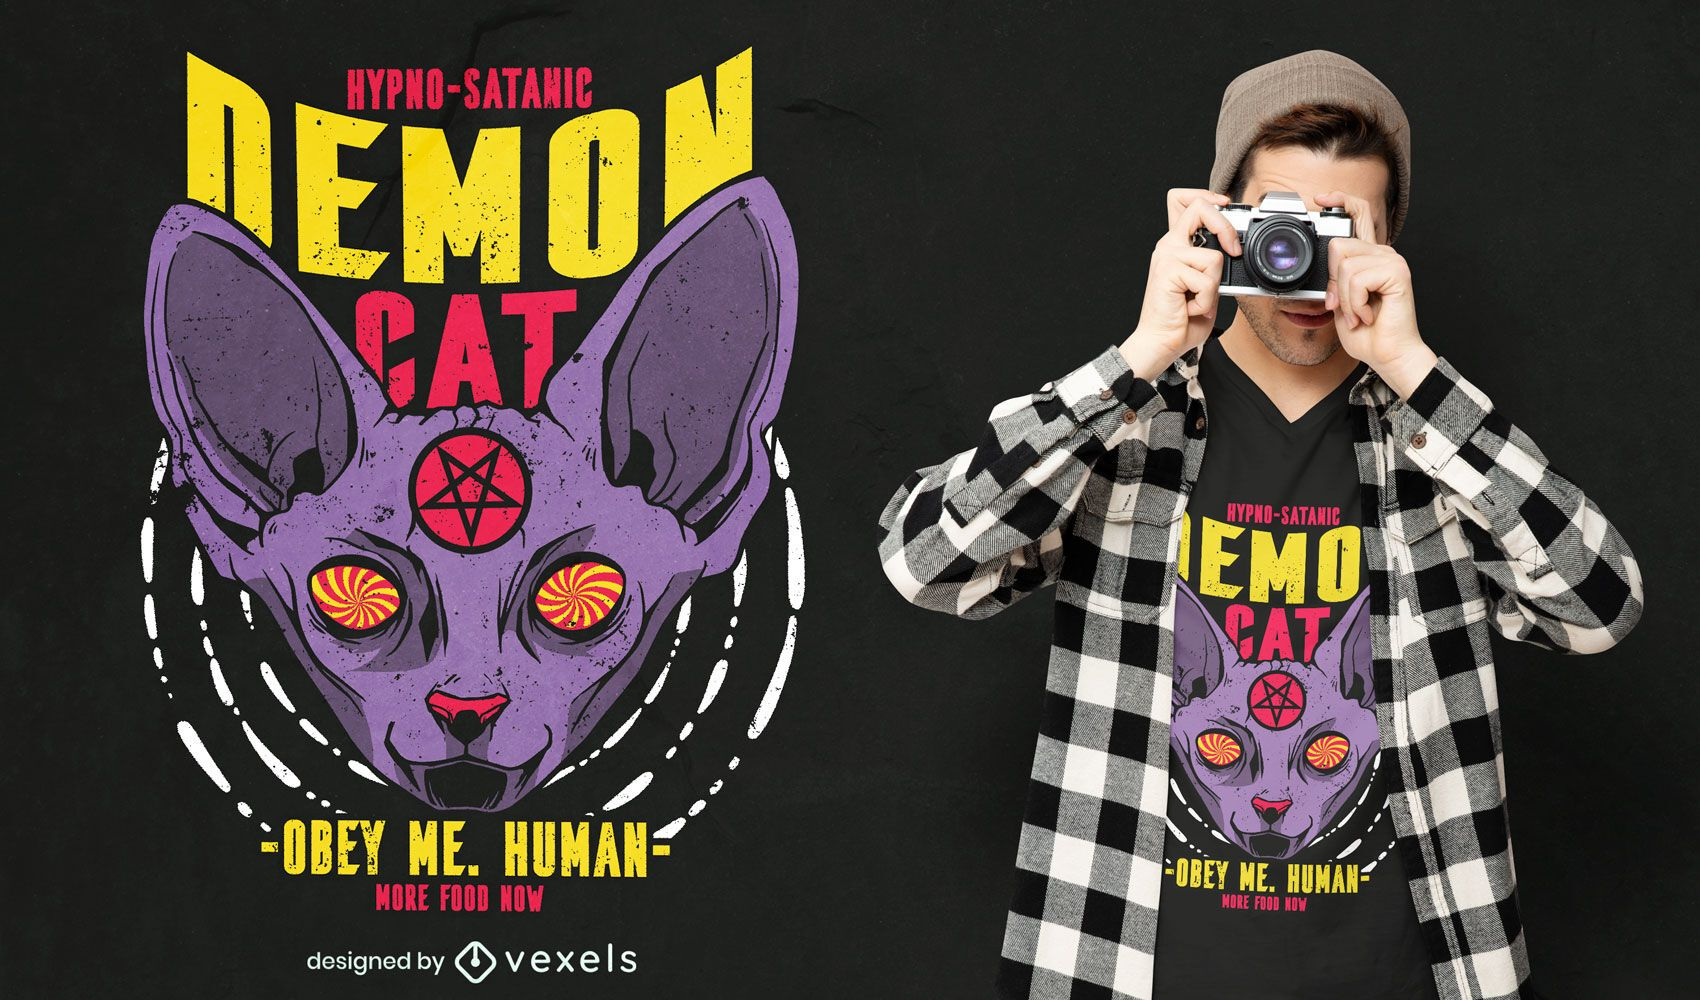 Diseño de camiseta satánica animal gato esfinge.